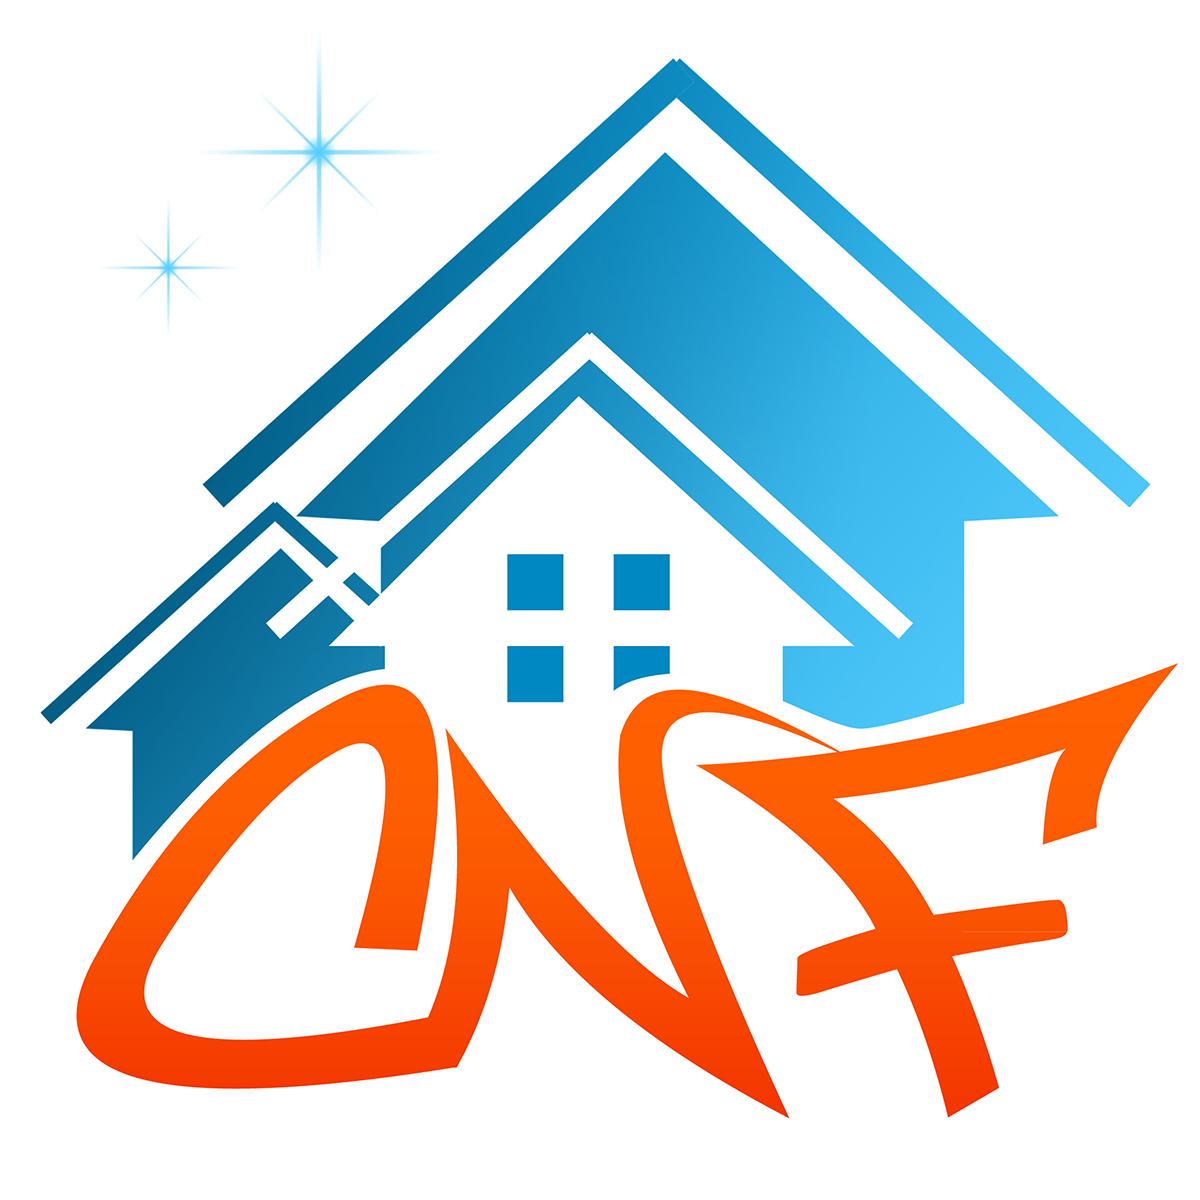 logo_cnf